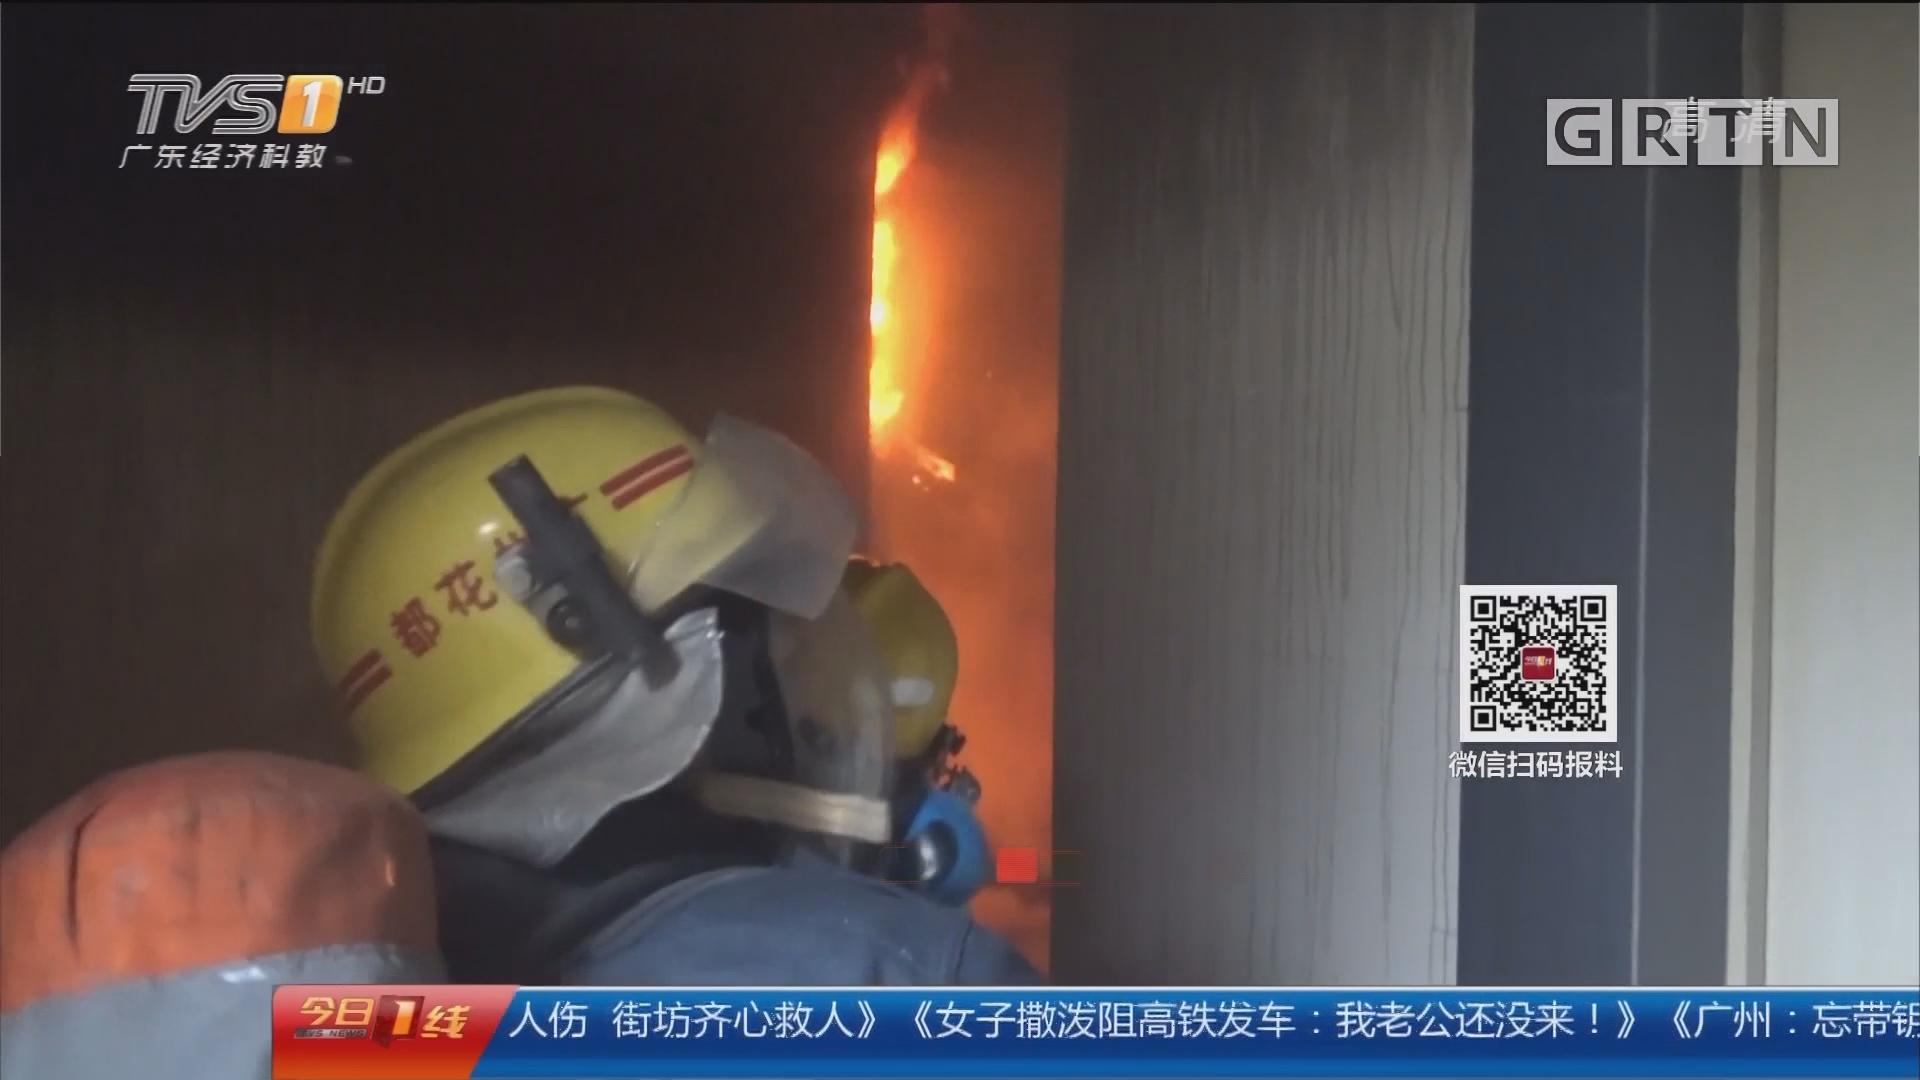 广州花都:用电负荷大惹祝融 消防员艰难灭火